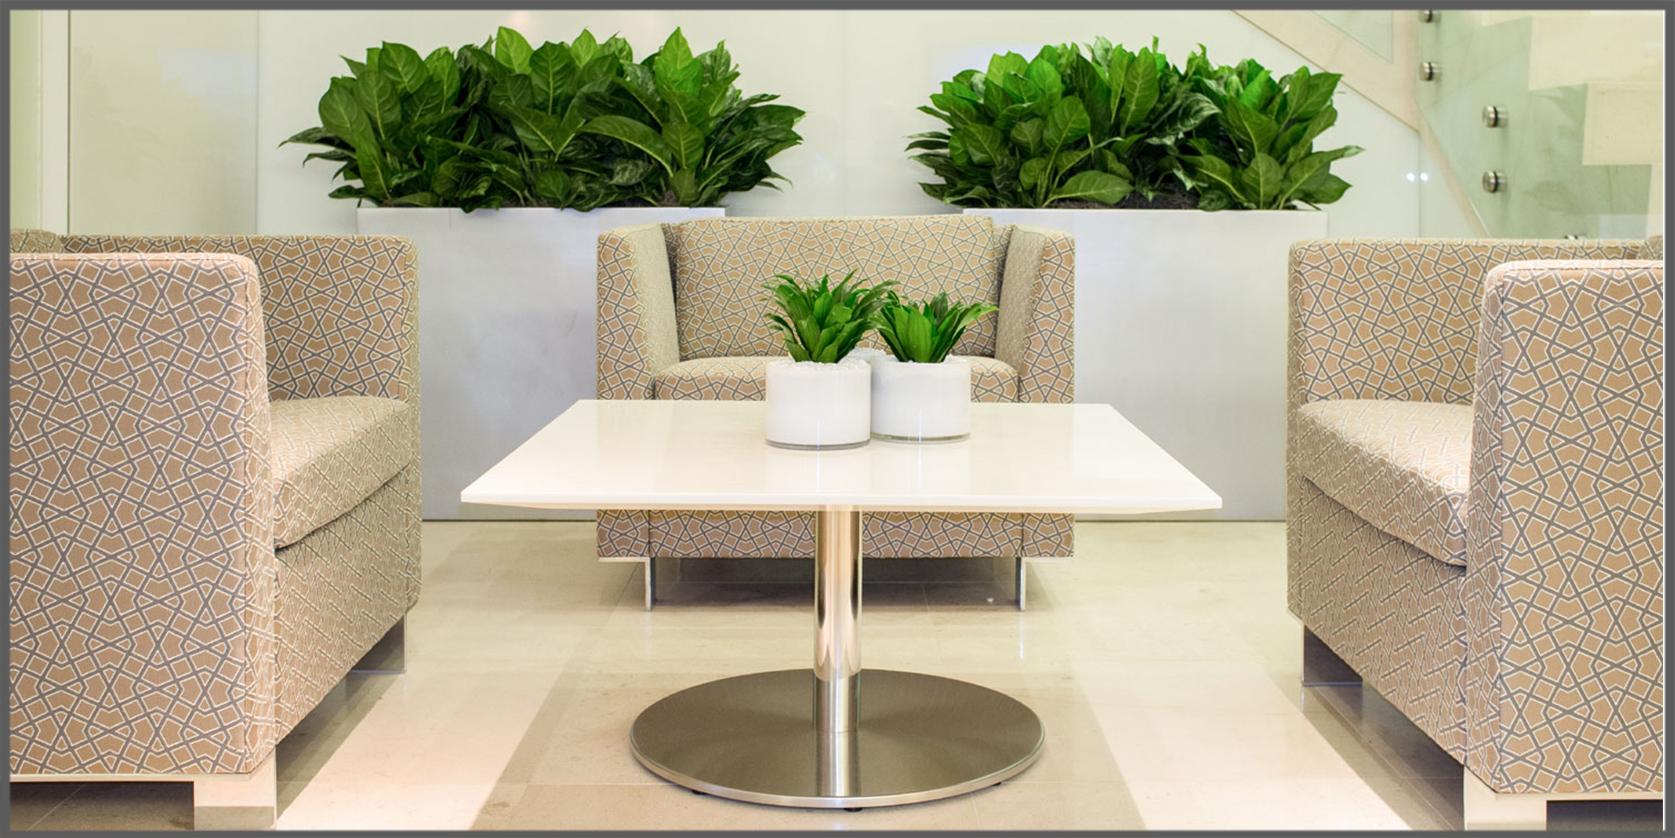 Conosciuto Arredare con le piante: alcuni consigli fondamentali  QB61